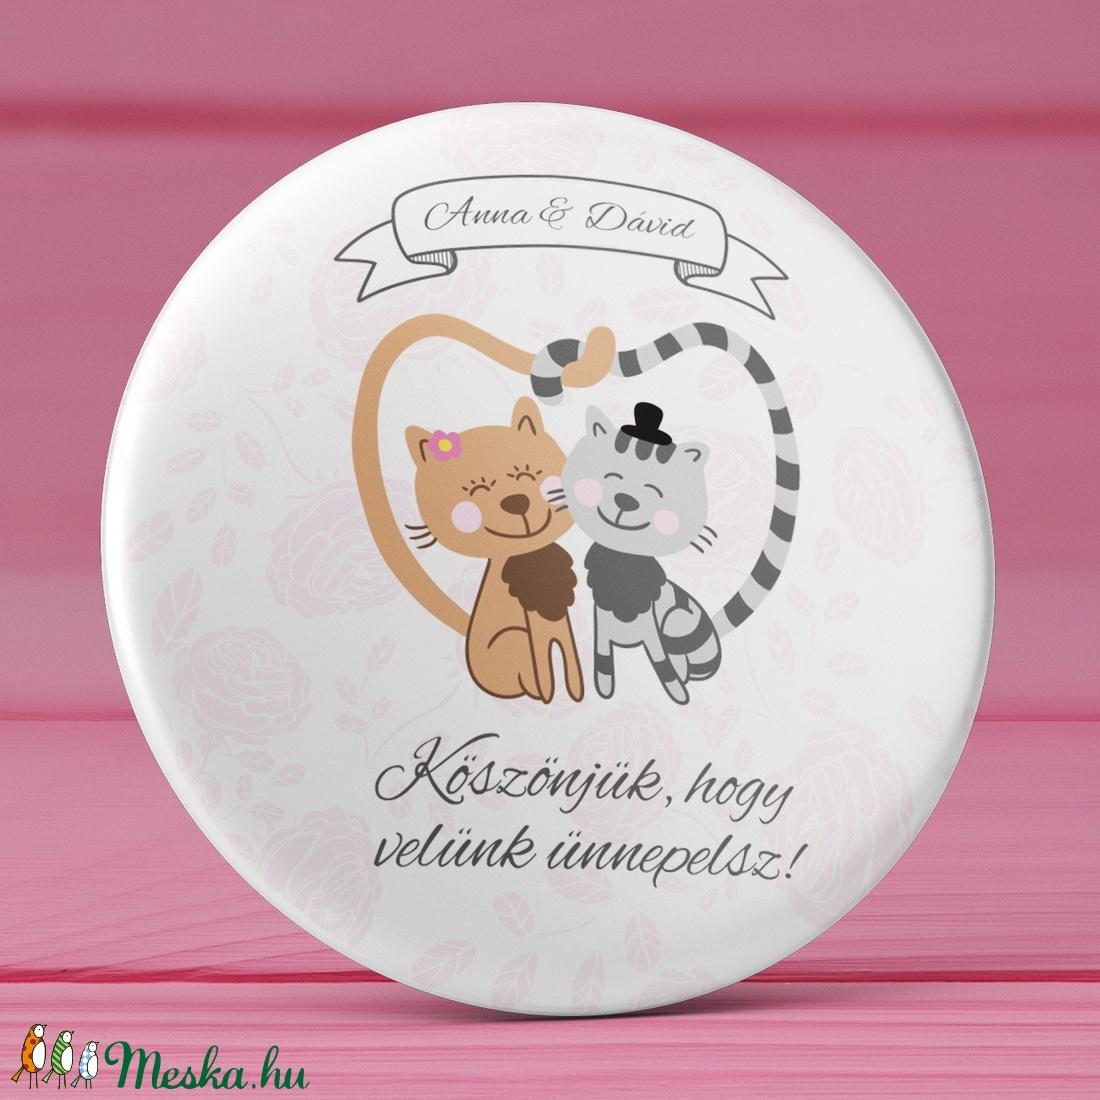 76d0edcefe Cica esküvői köszönet ajándék hűtőmágnes - Esküvői köszönőajándék mágnes